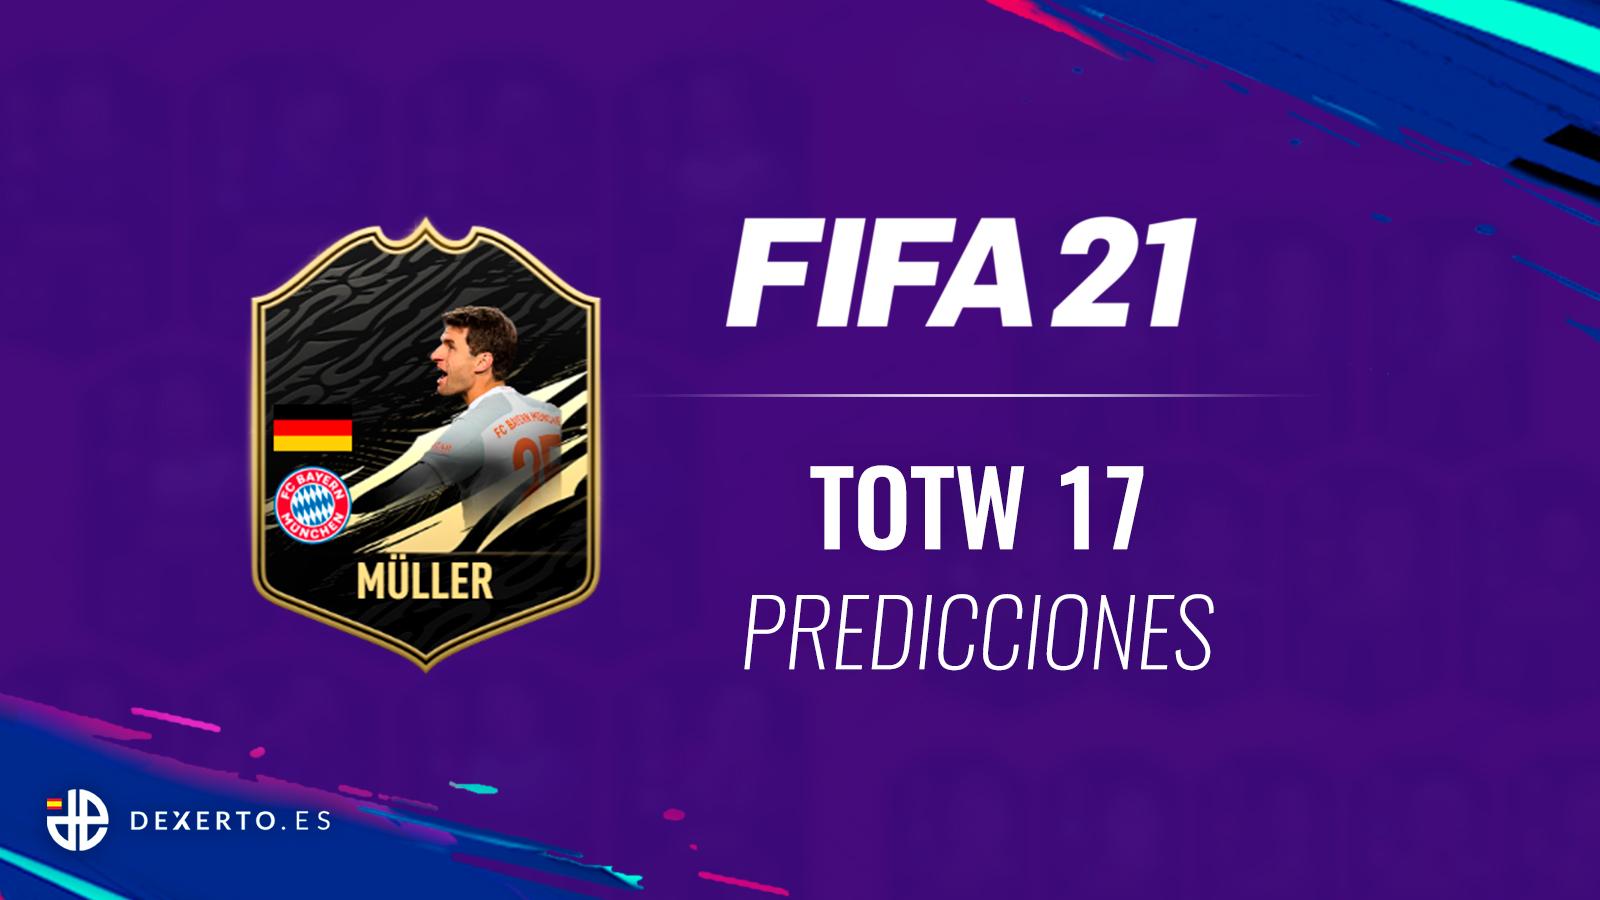 Muller FIFA 21 TOTW Predicciones